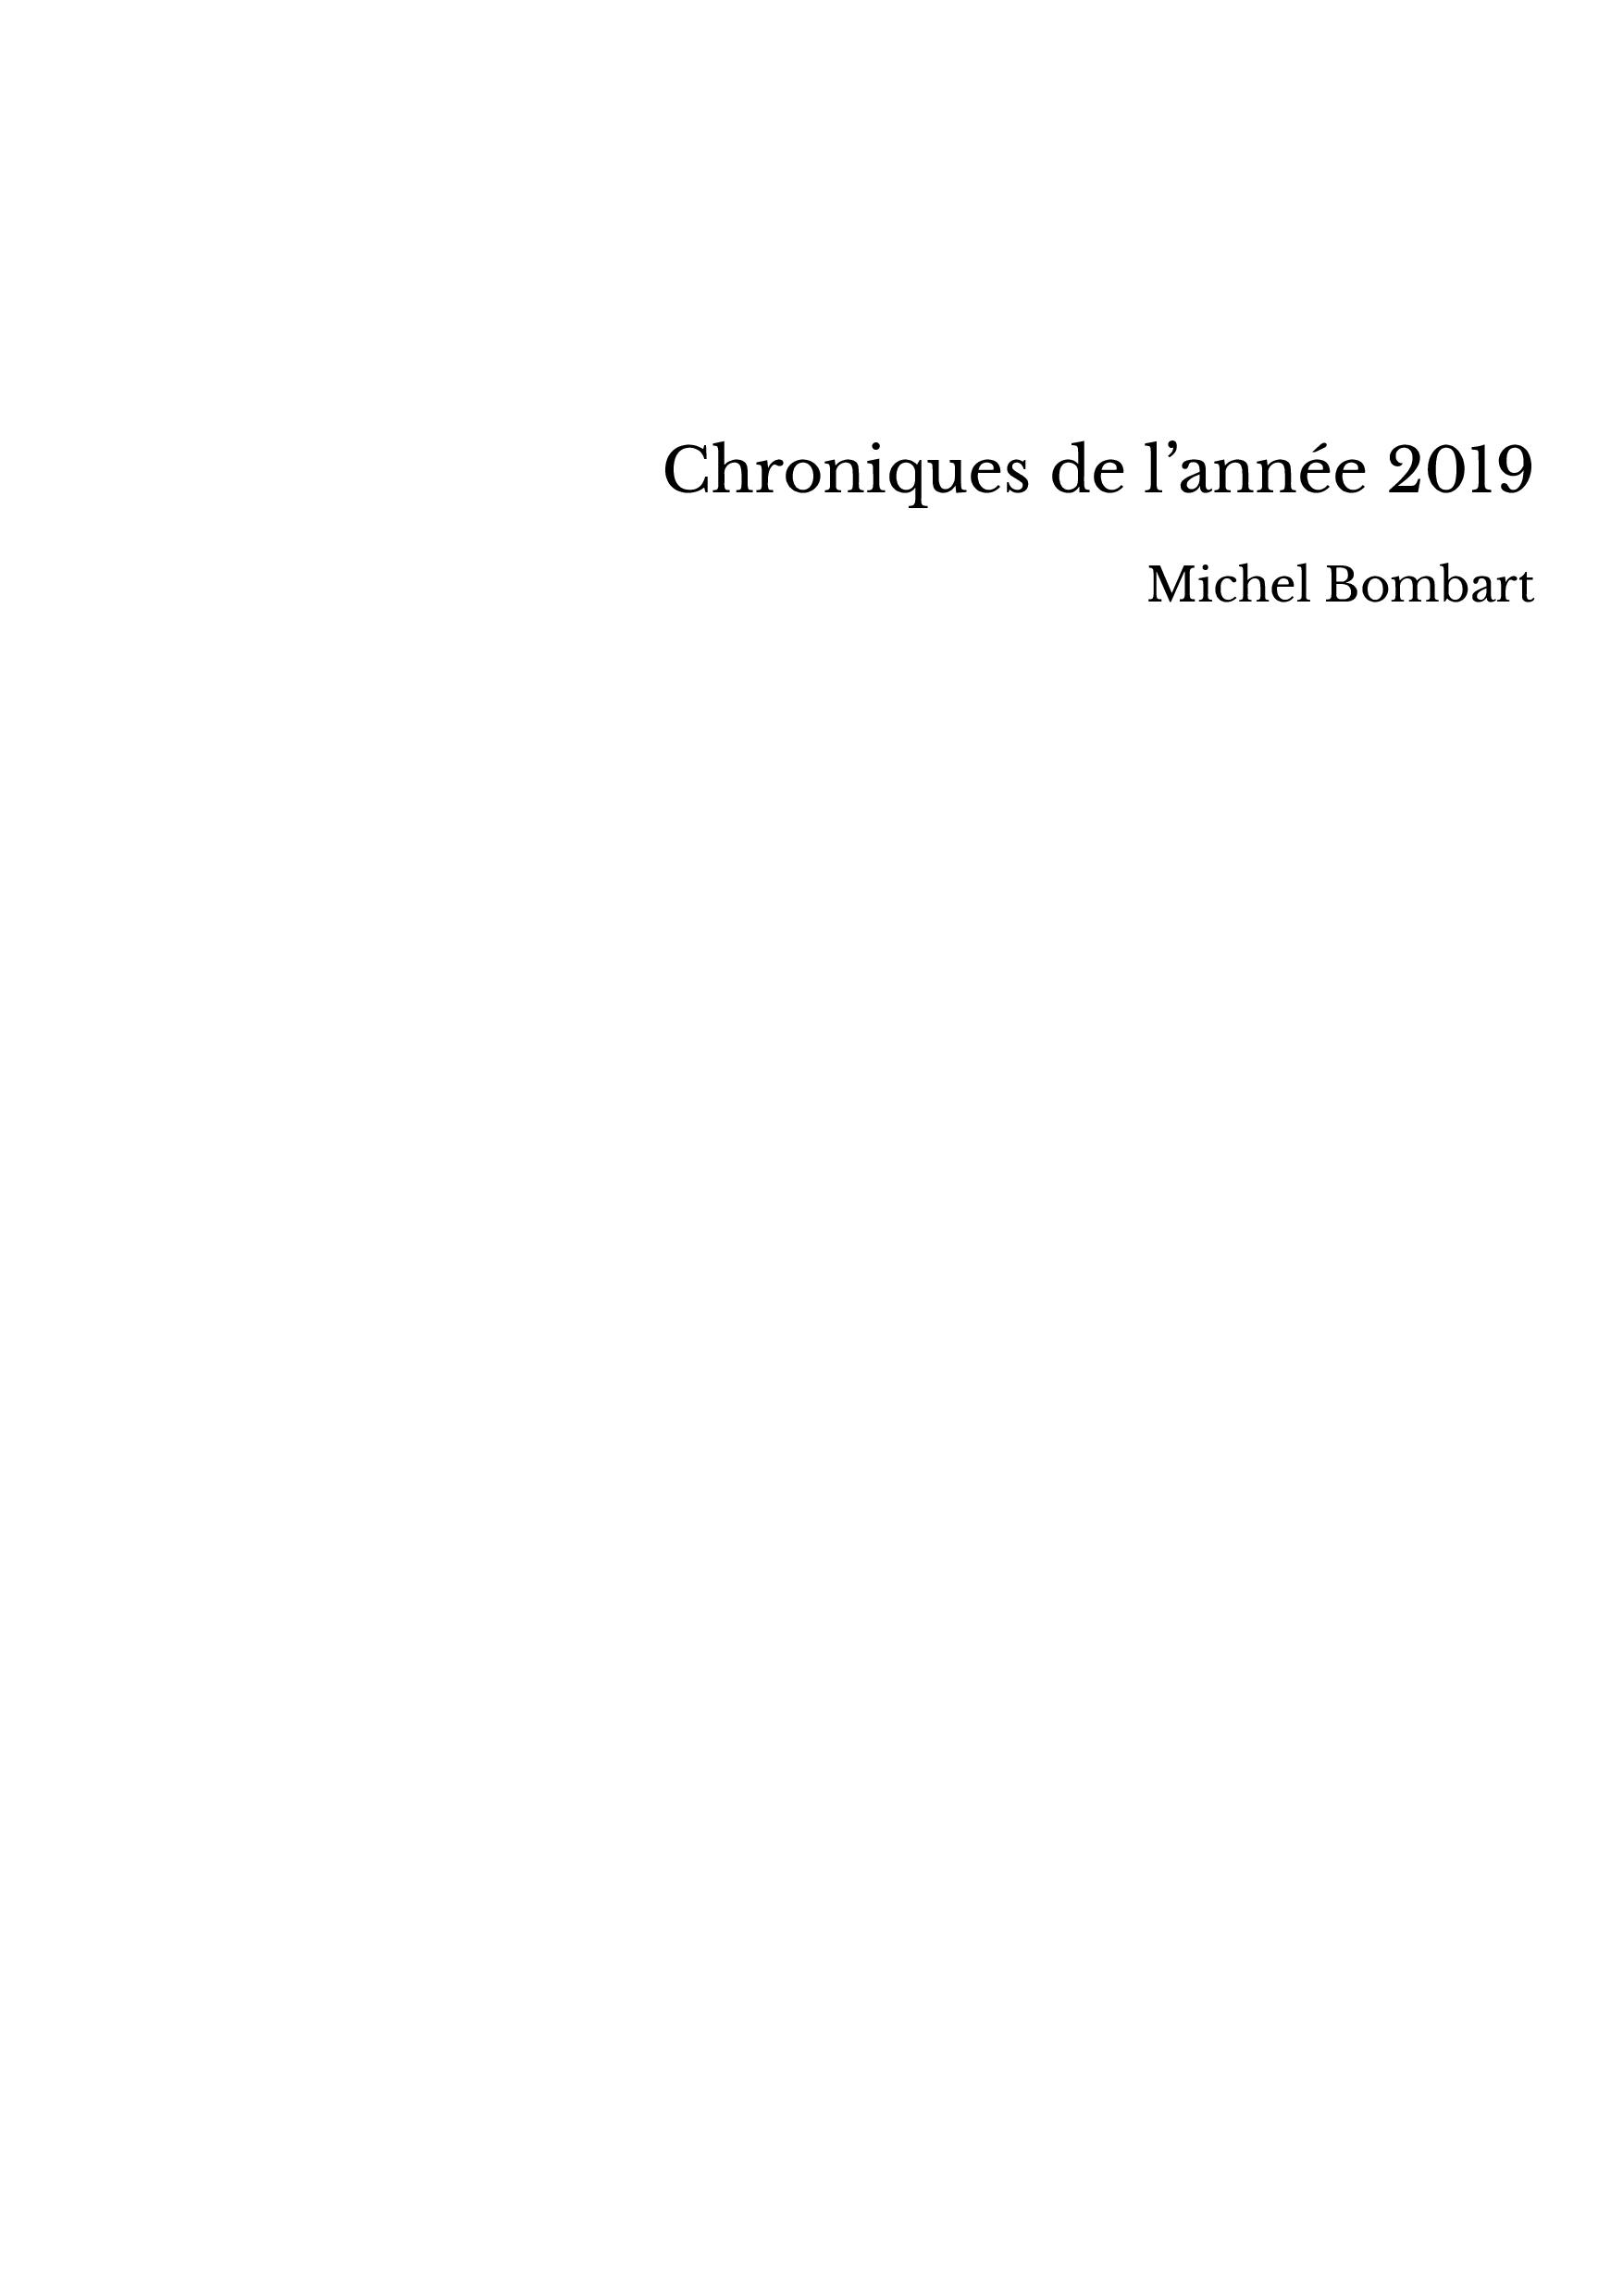 Chroniques de l'année 2019